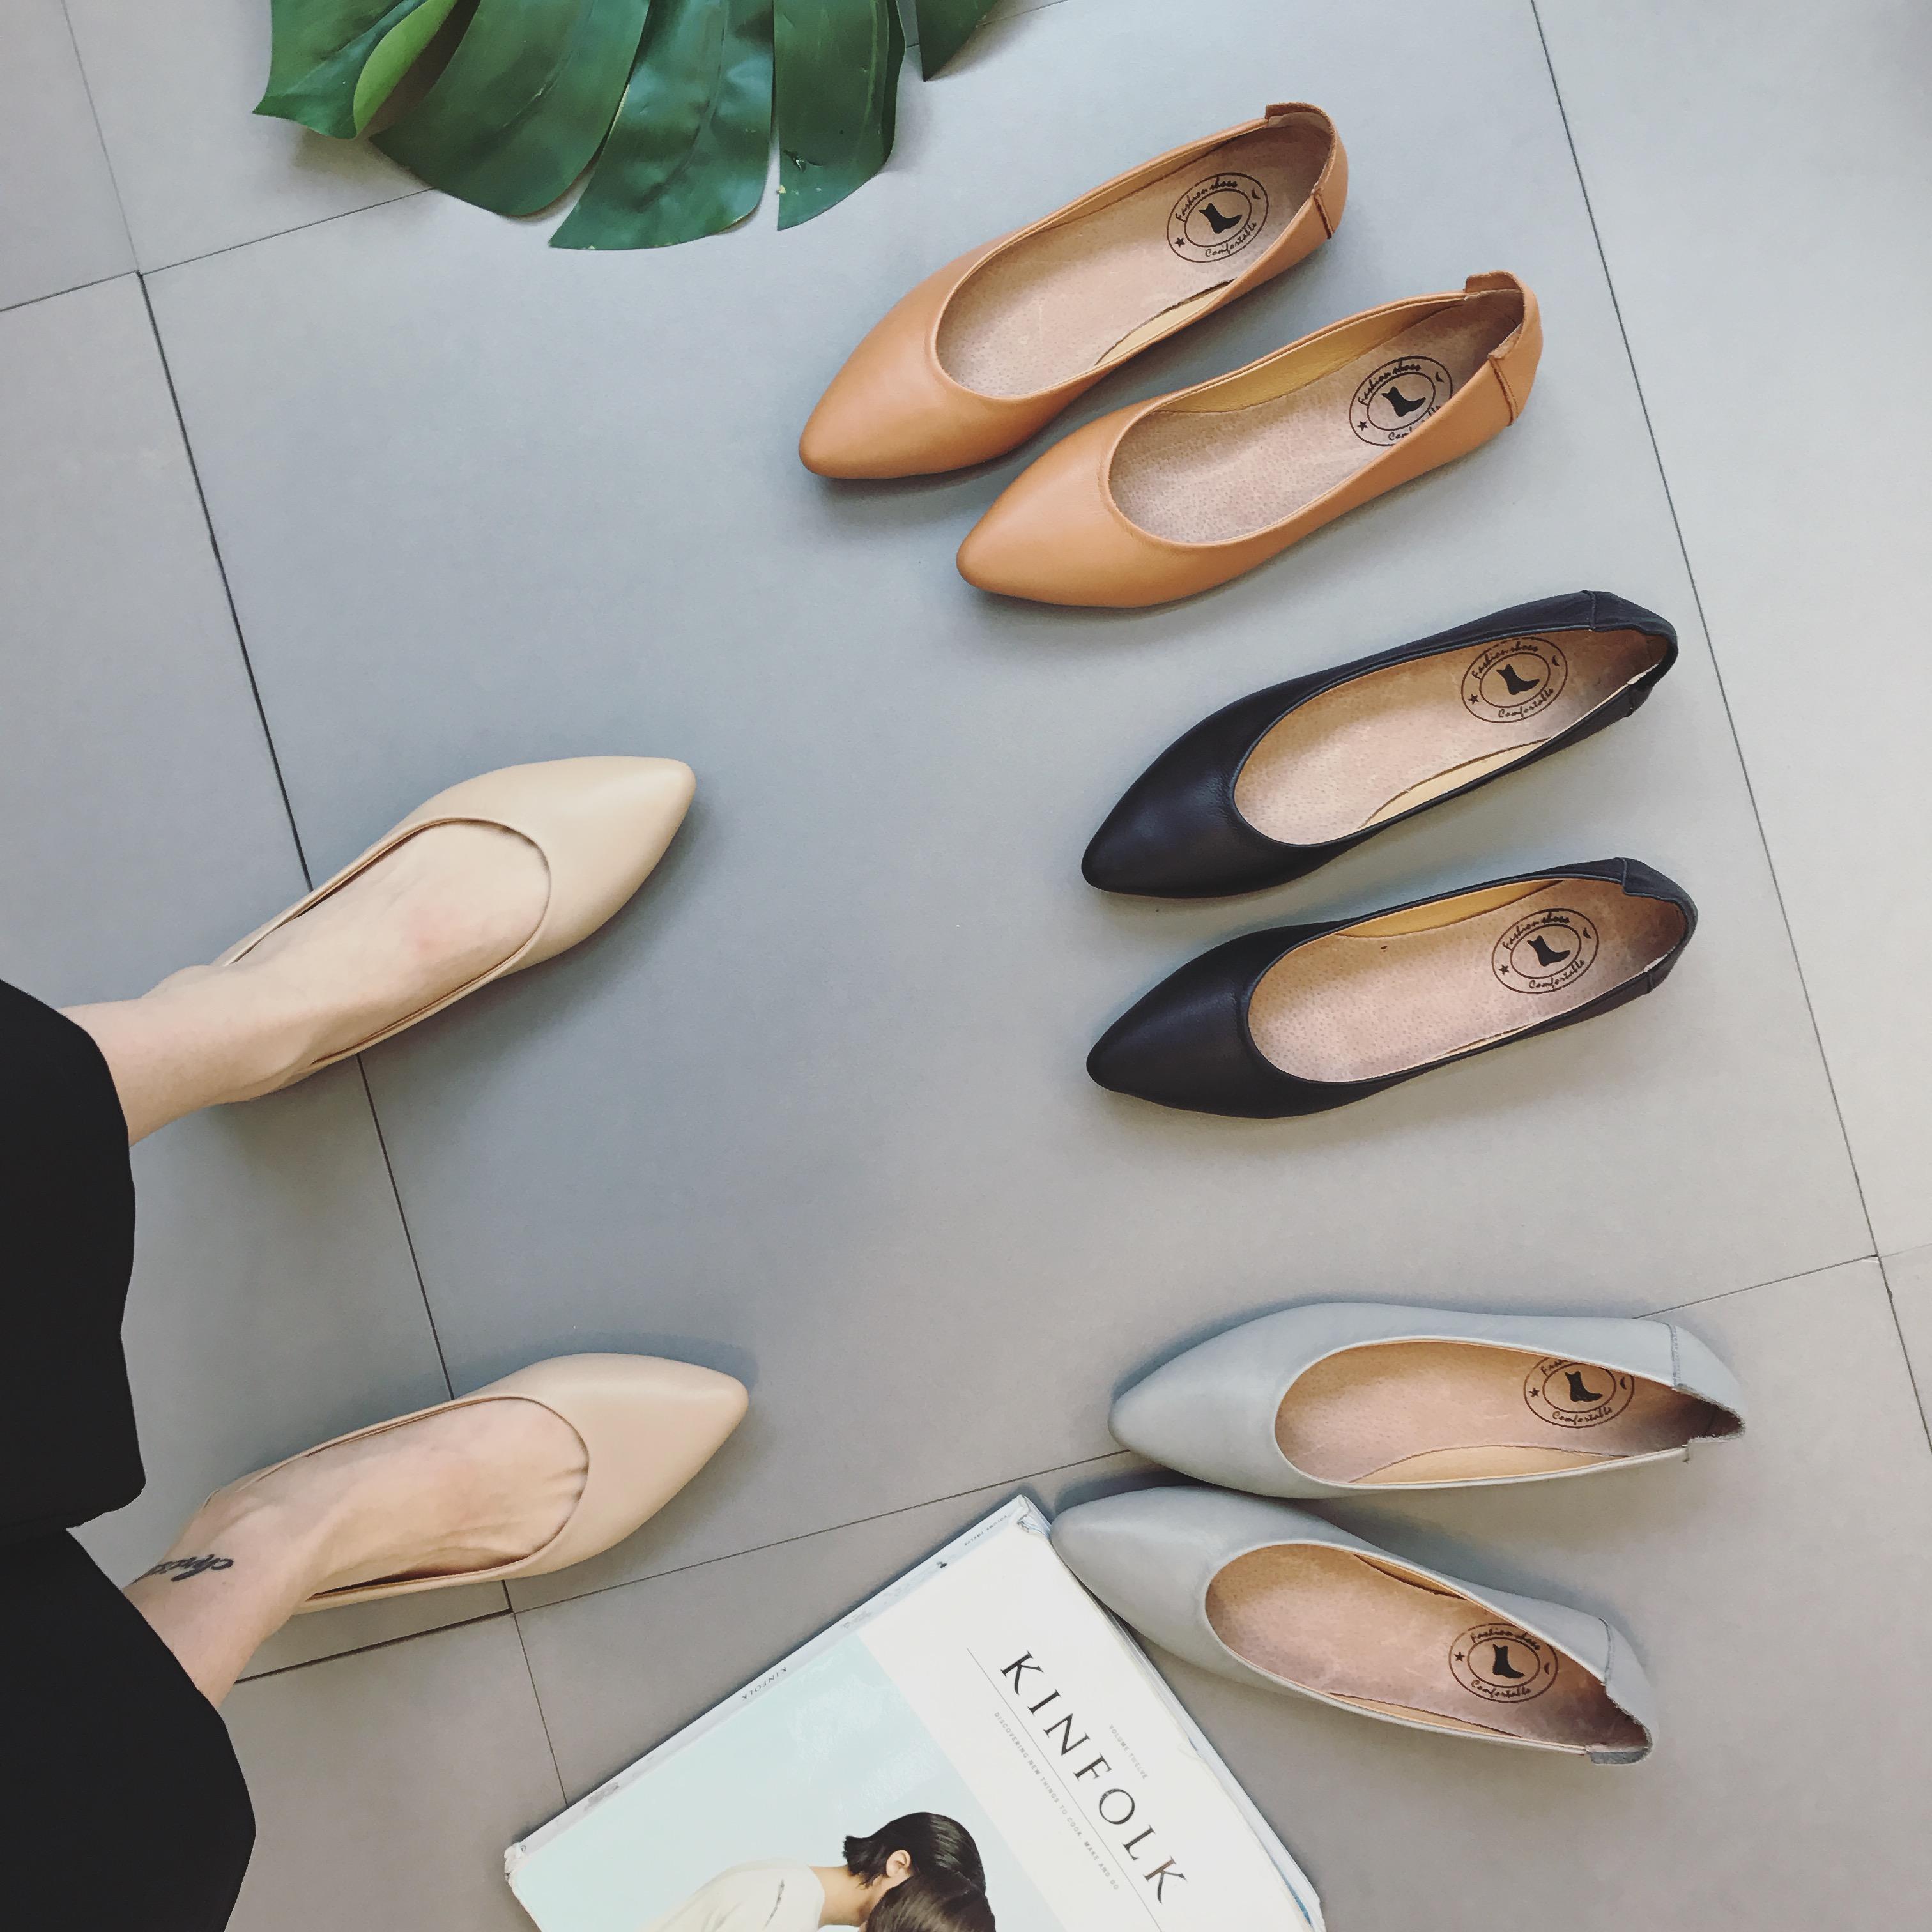 2019春季新款韩版真皮平底奶奶鞋女浅口百搭软底工作鞋尖头单鞋潮